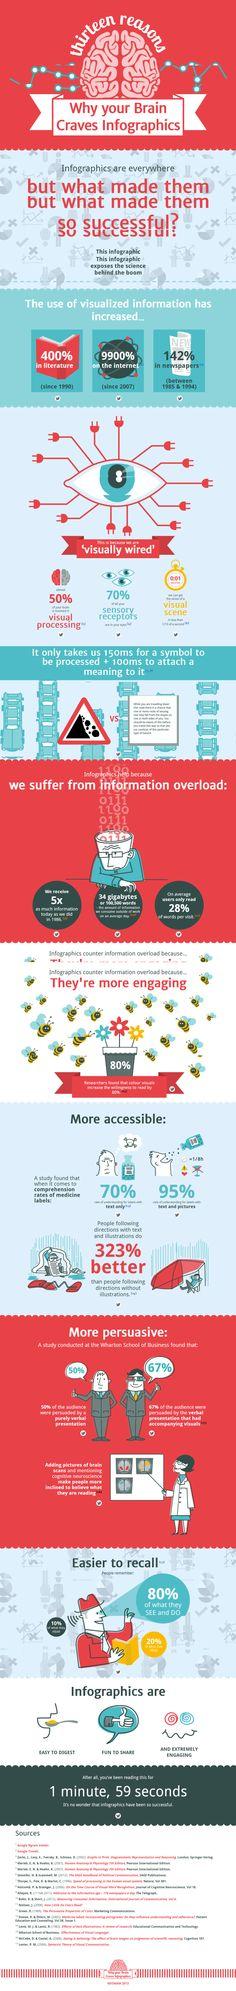 Por qué a nuestro cerebro le encantan las infografías #infografia #infographic #design